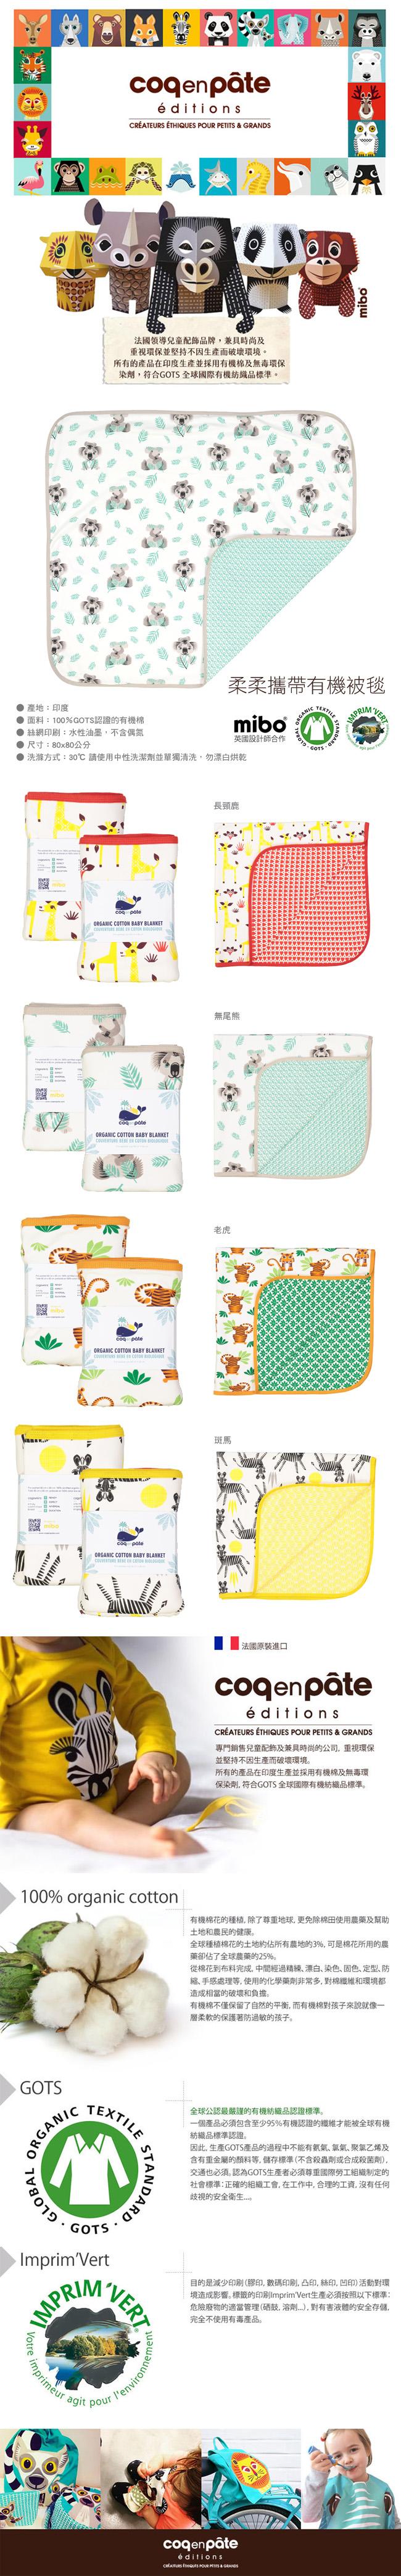 (複製)COQENPATE│法國有機棉無毒環保布包 / 小童寶包幫- 老虎